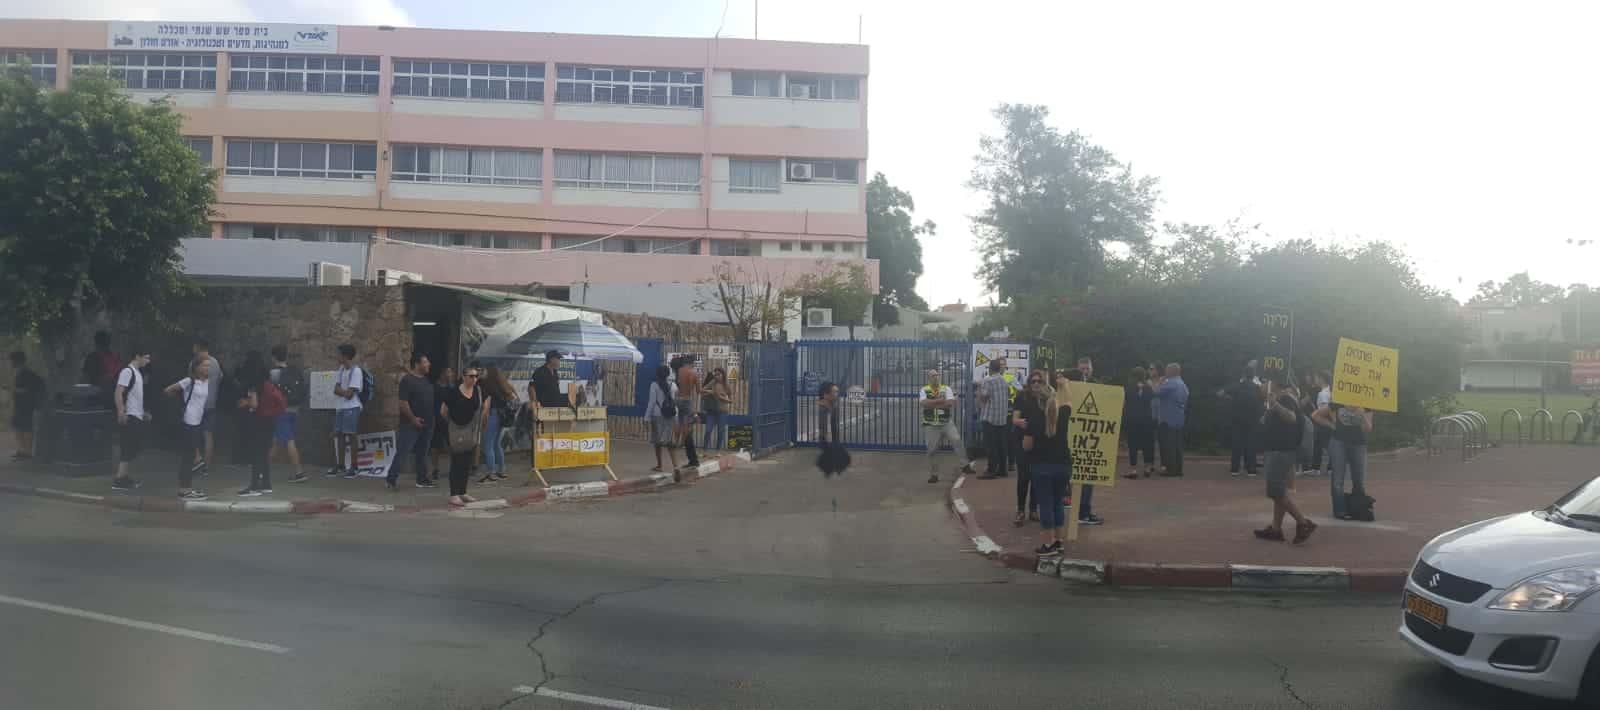 ההפגנה מחוץ לבית הספר